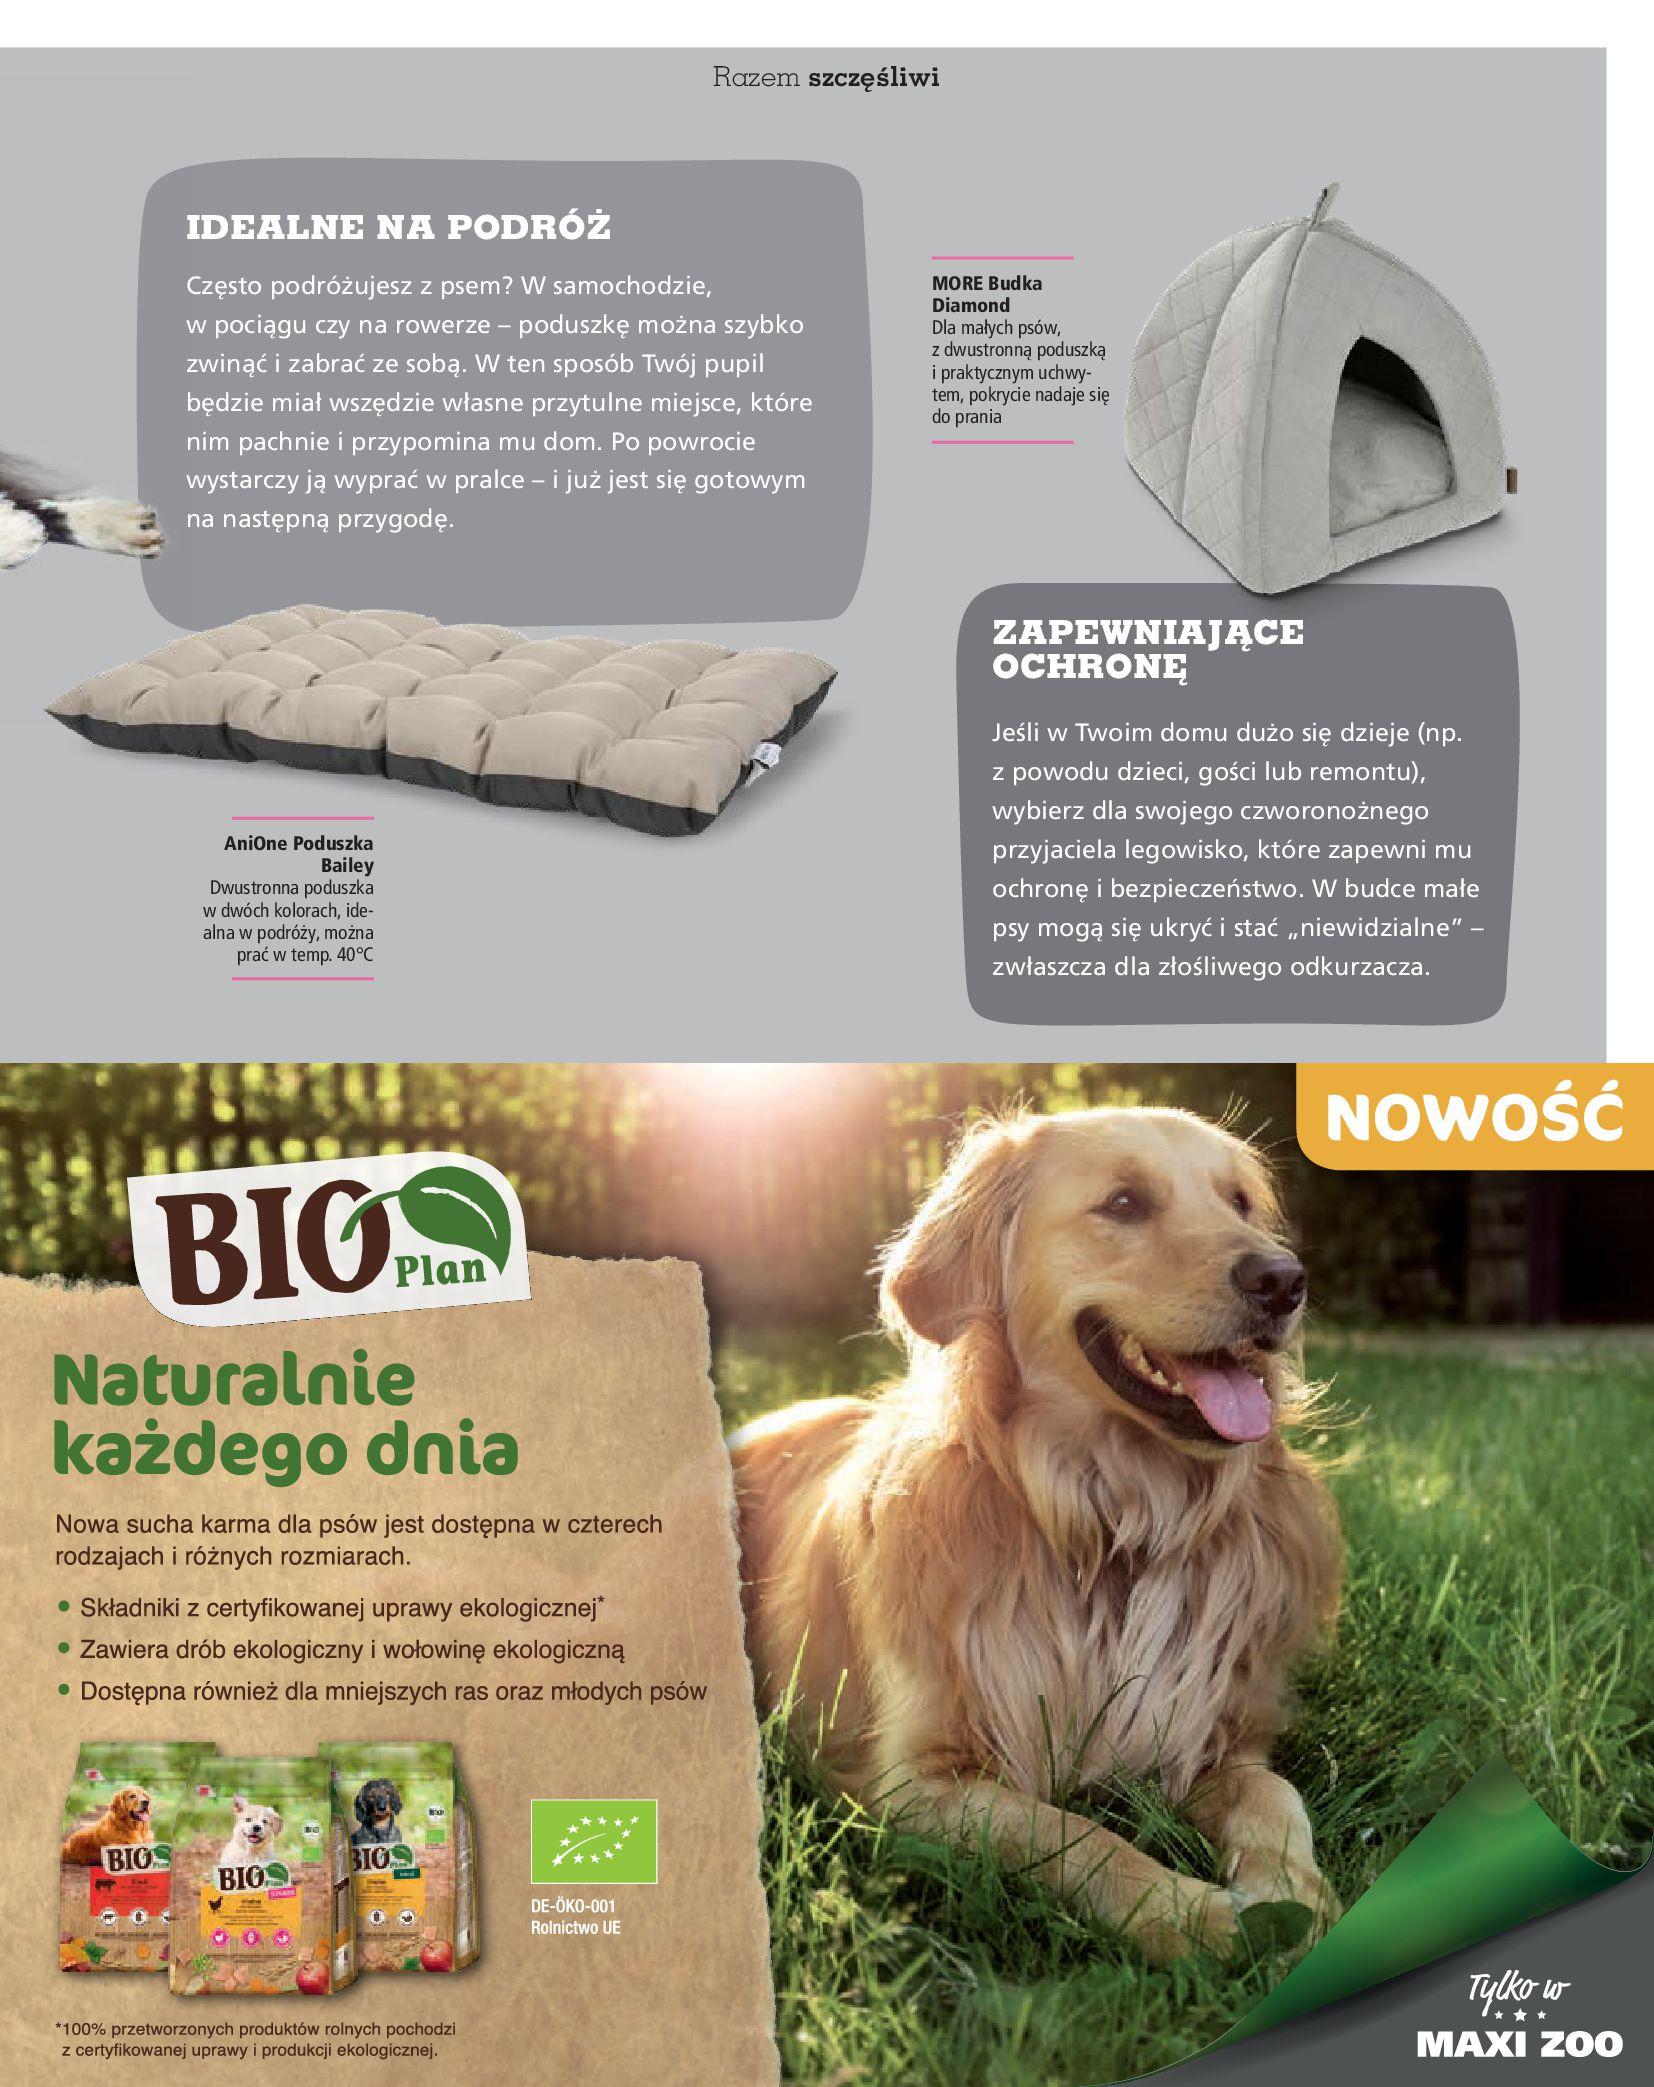 Gazetka Maxi Zoo: Gazetka Maxi Zoo - Friends 2021-05-18 page-47